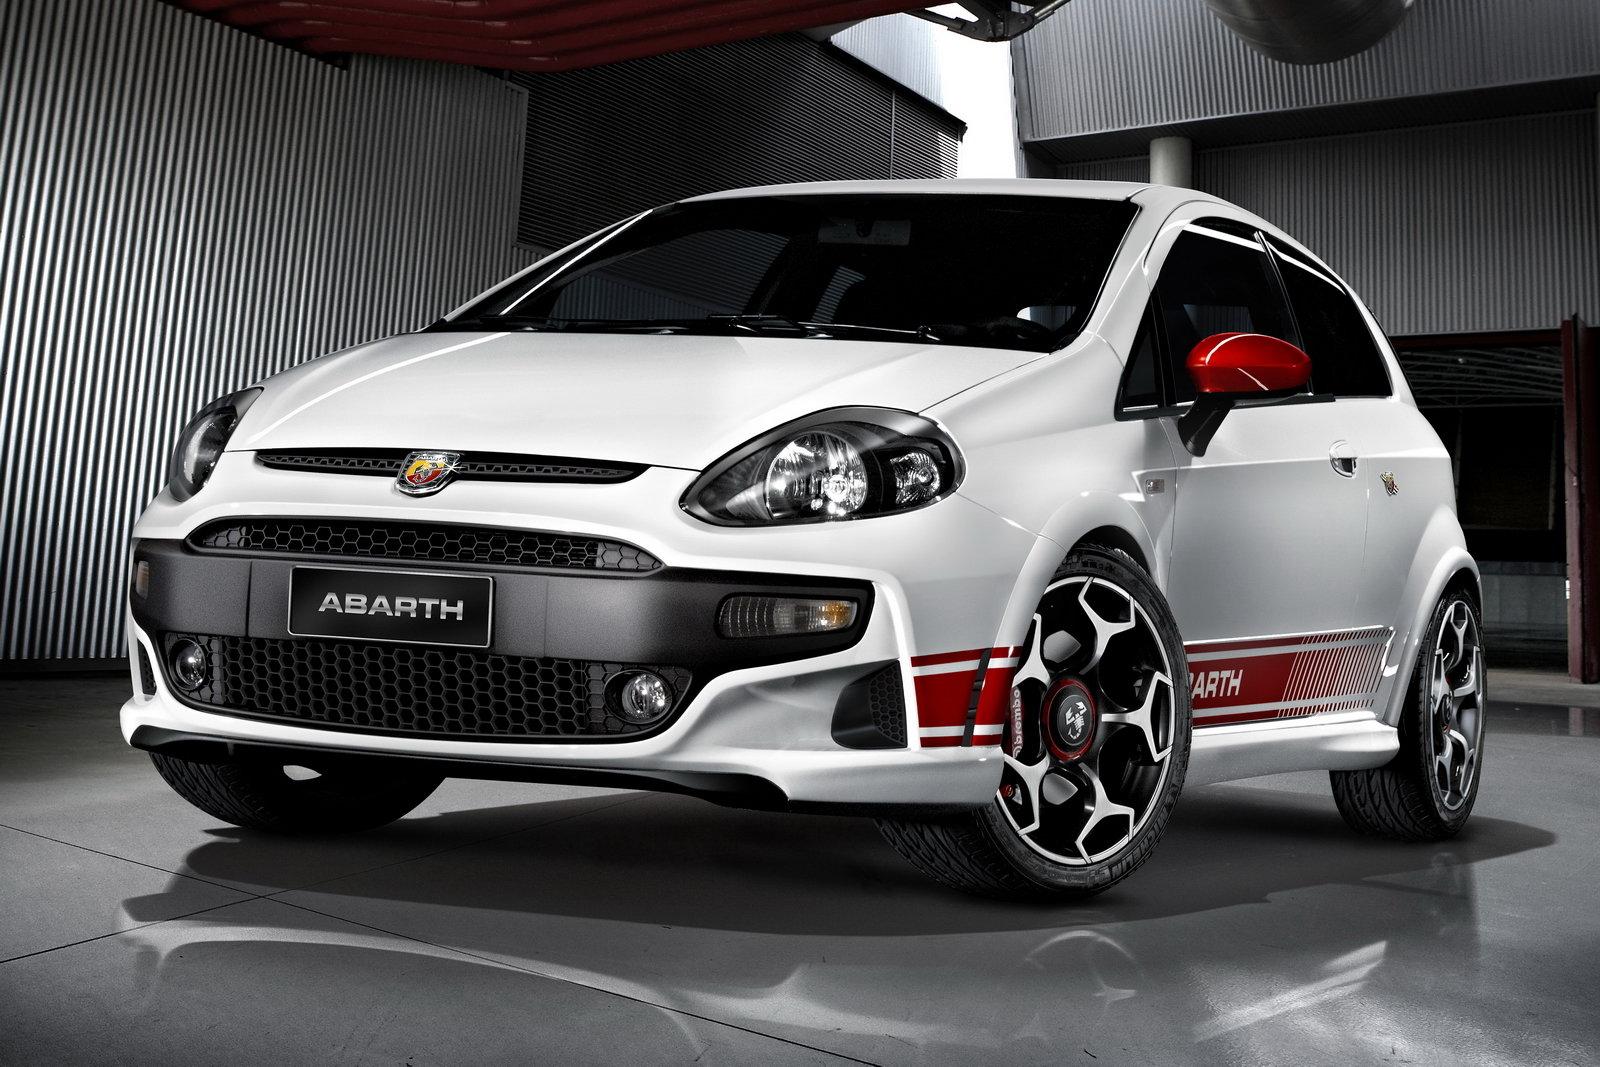 Nuova Fiat Punto: in arrivo anche una versione Abarth?